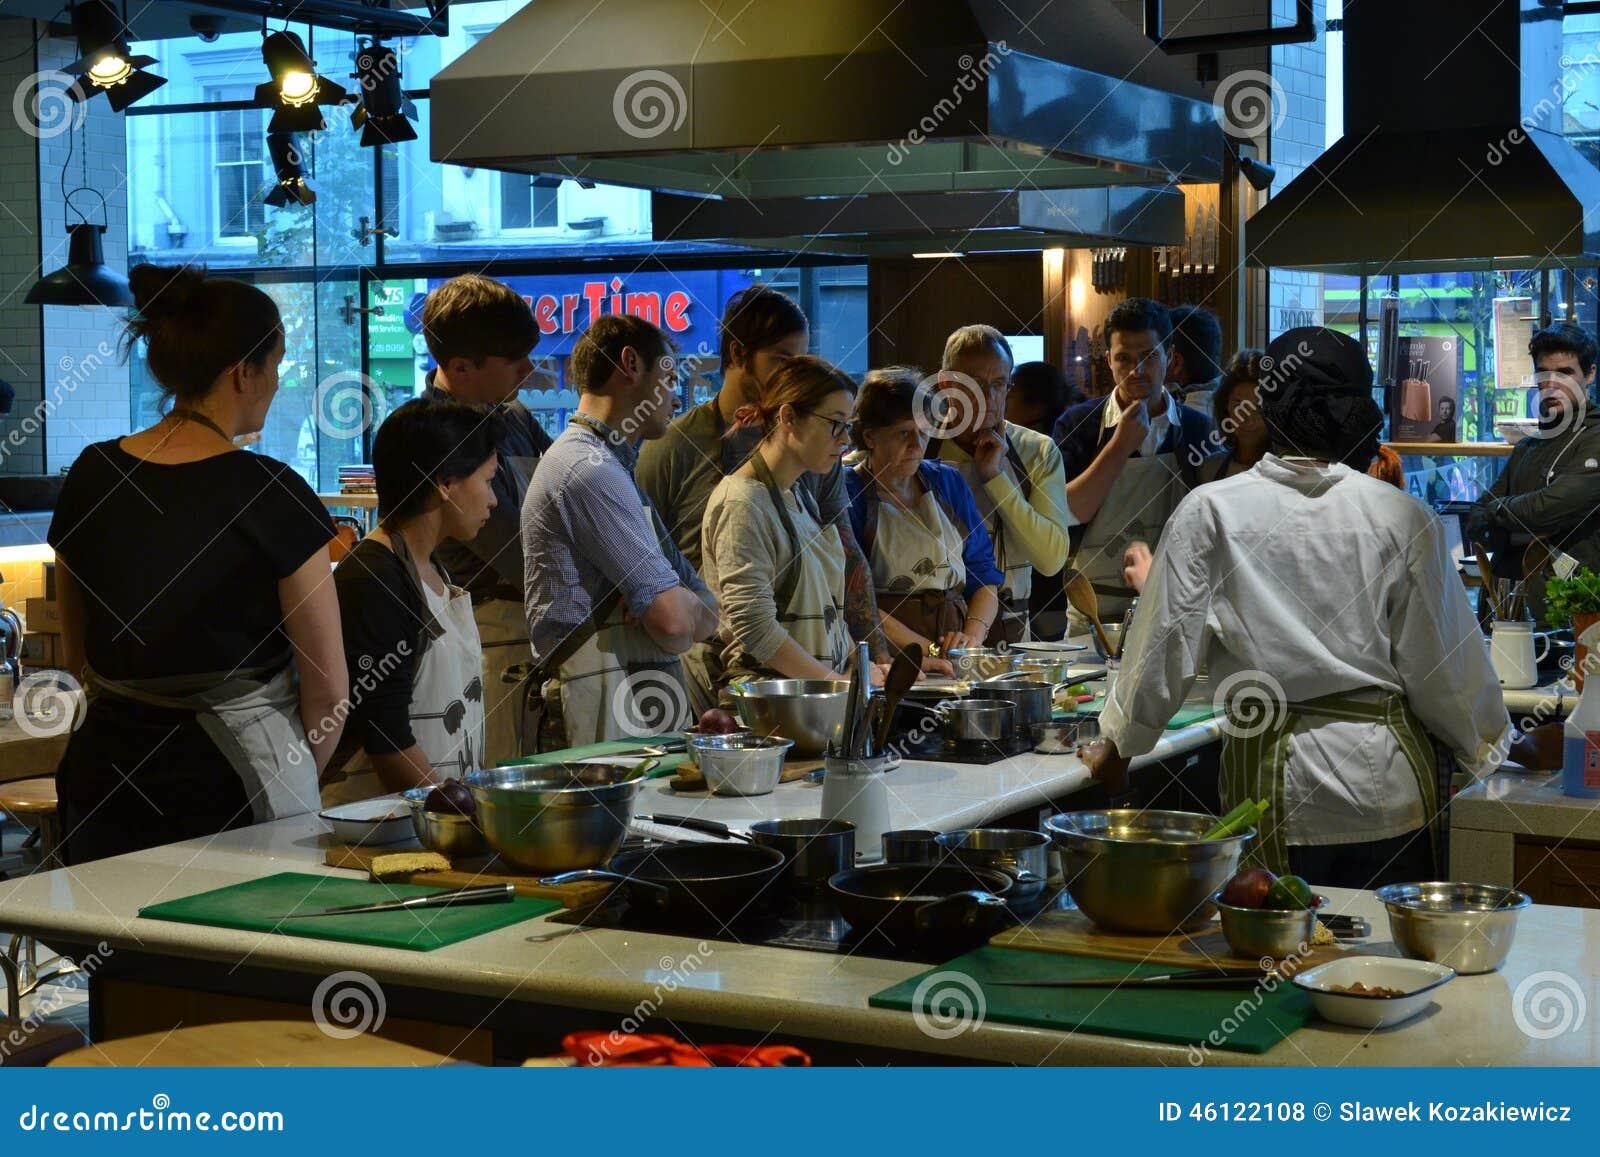 Cooking class deals london